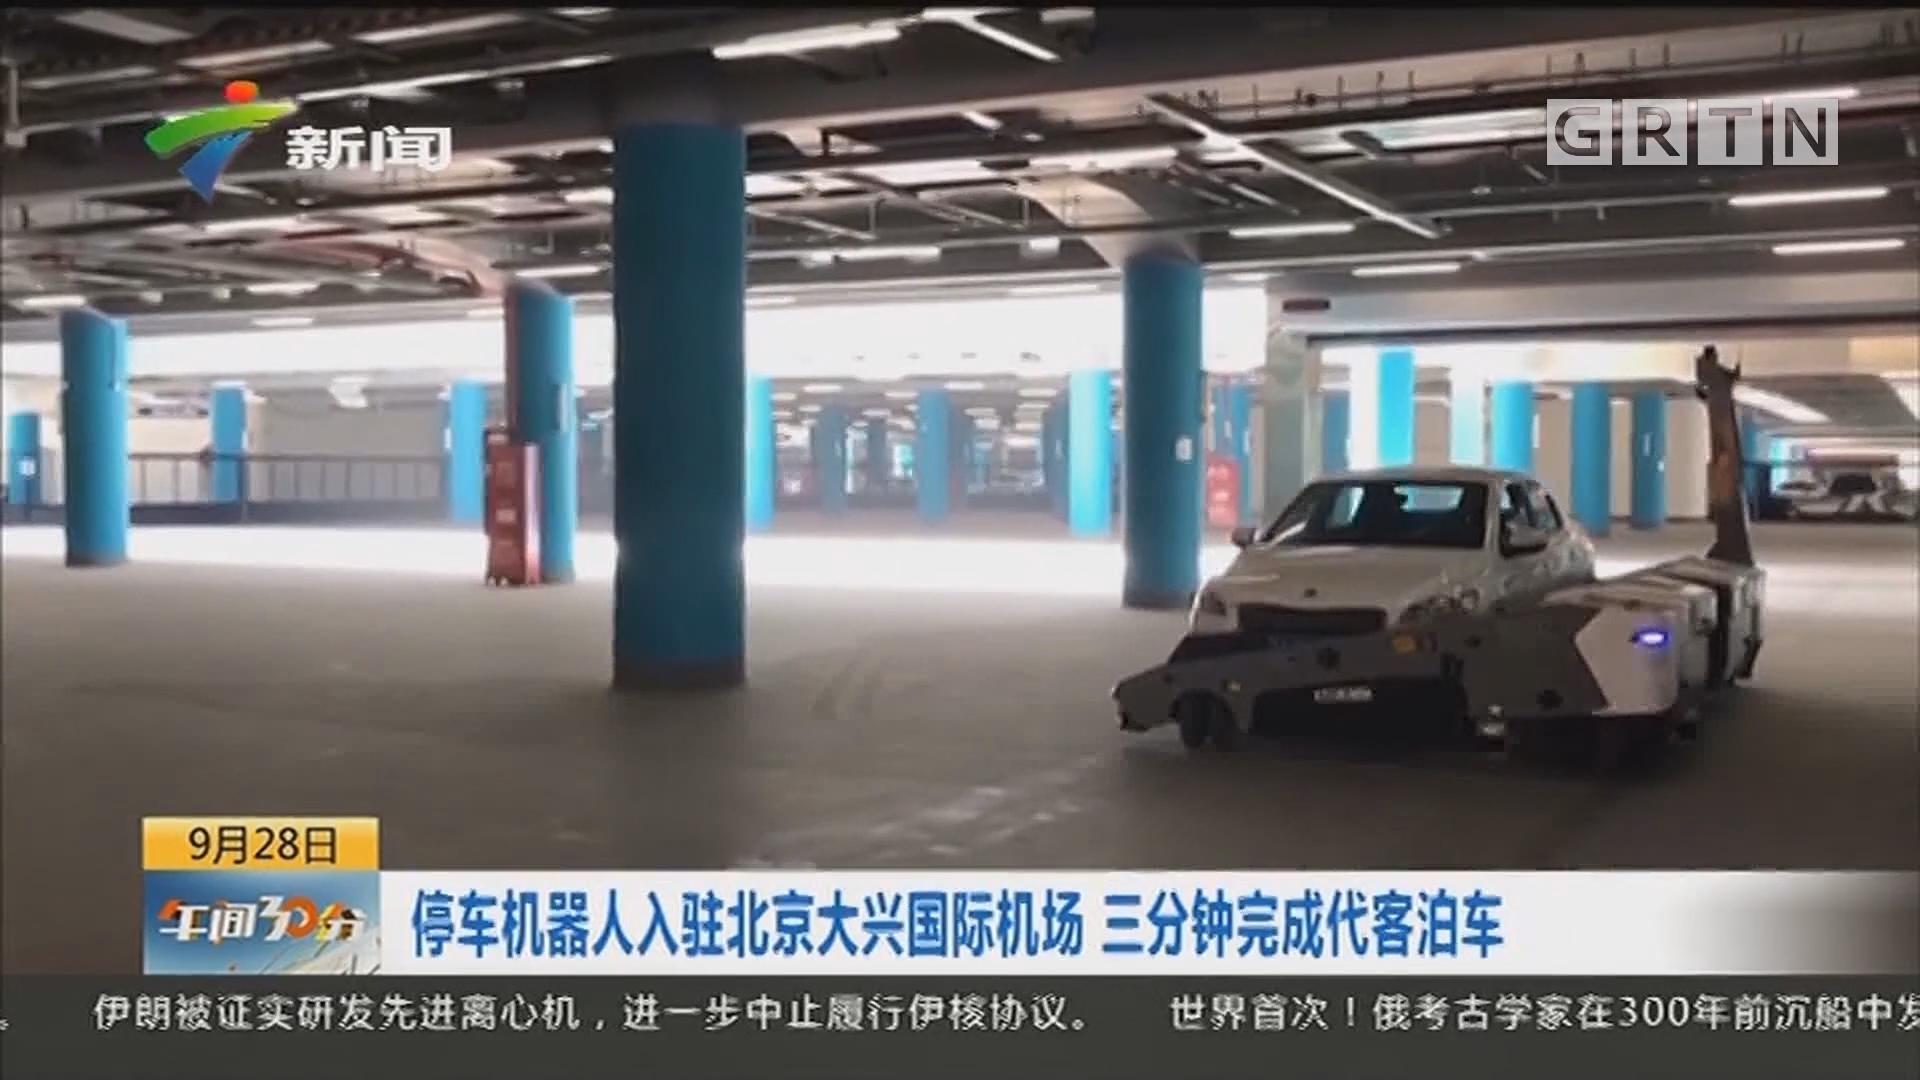 停车机器人入驻北京大兴国际机场 三分钟完成代客泊车